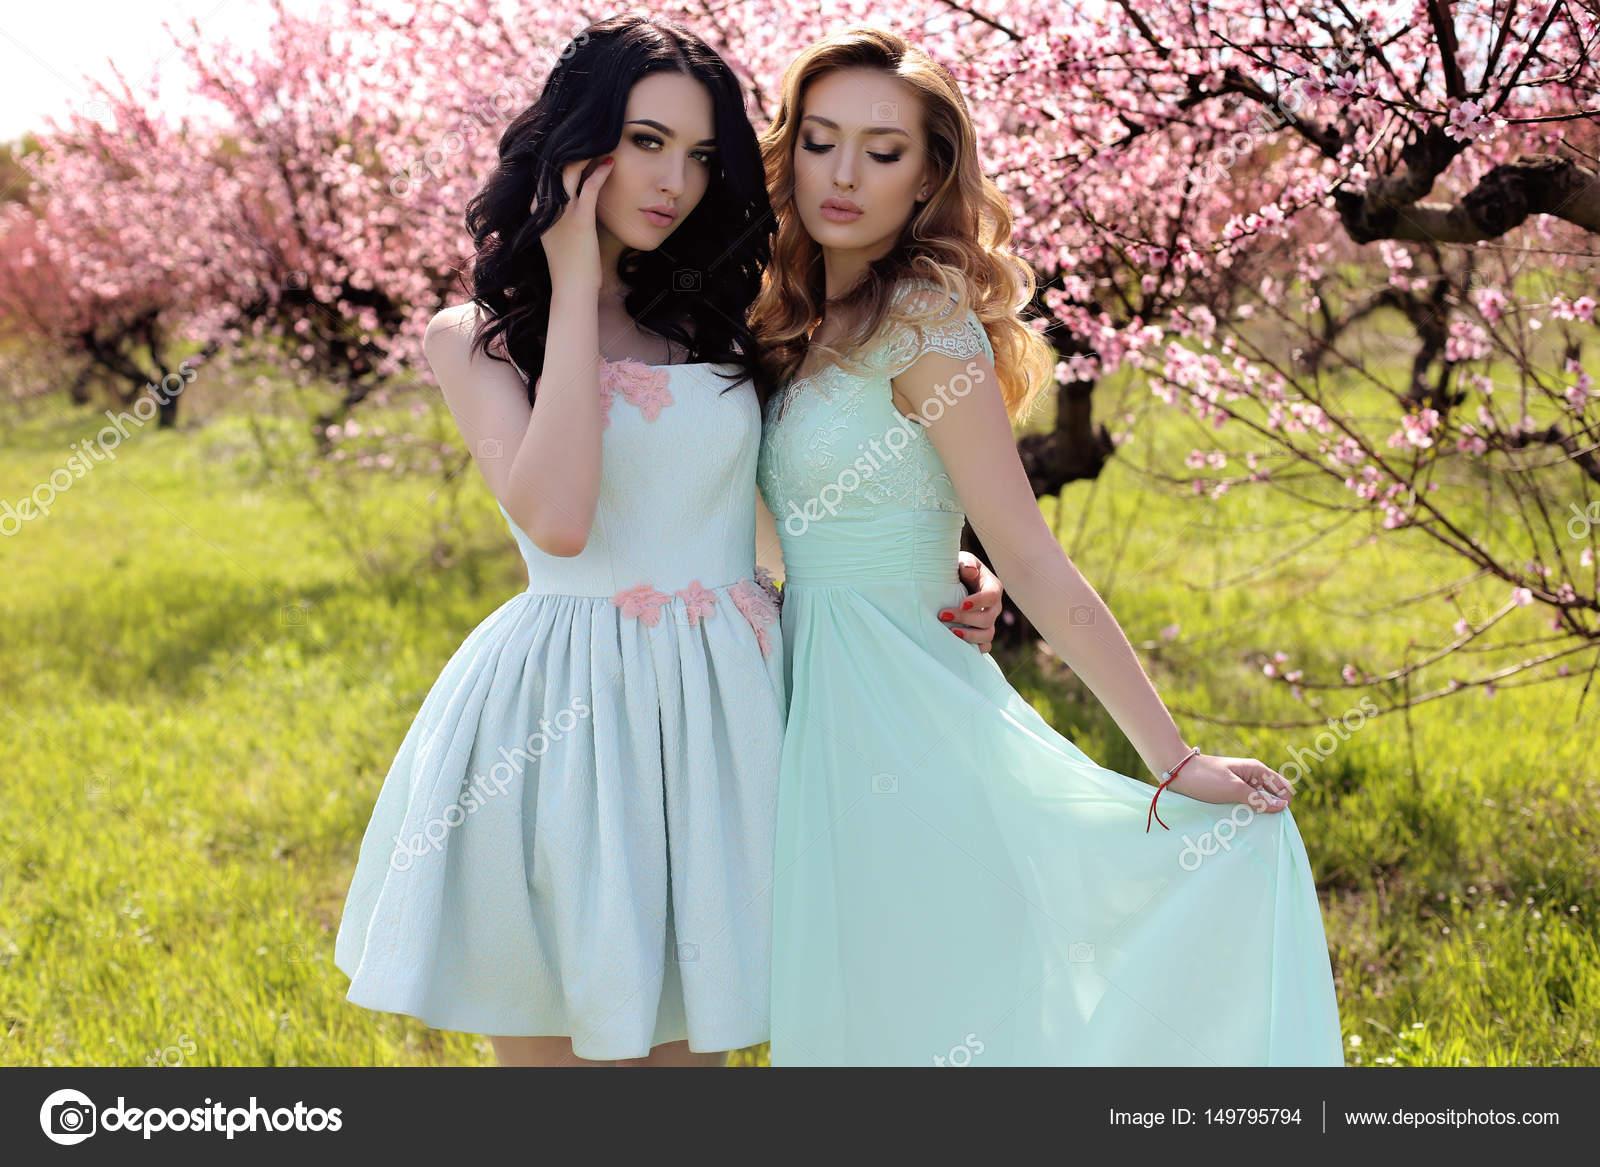 hermosas mujeres jóvenes en elegante vestido posando en el jardín ...